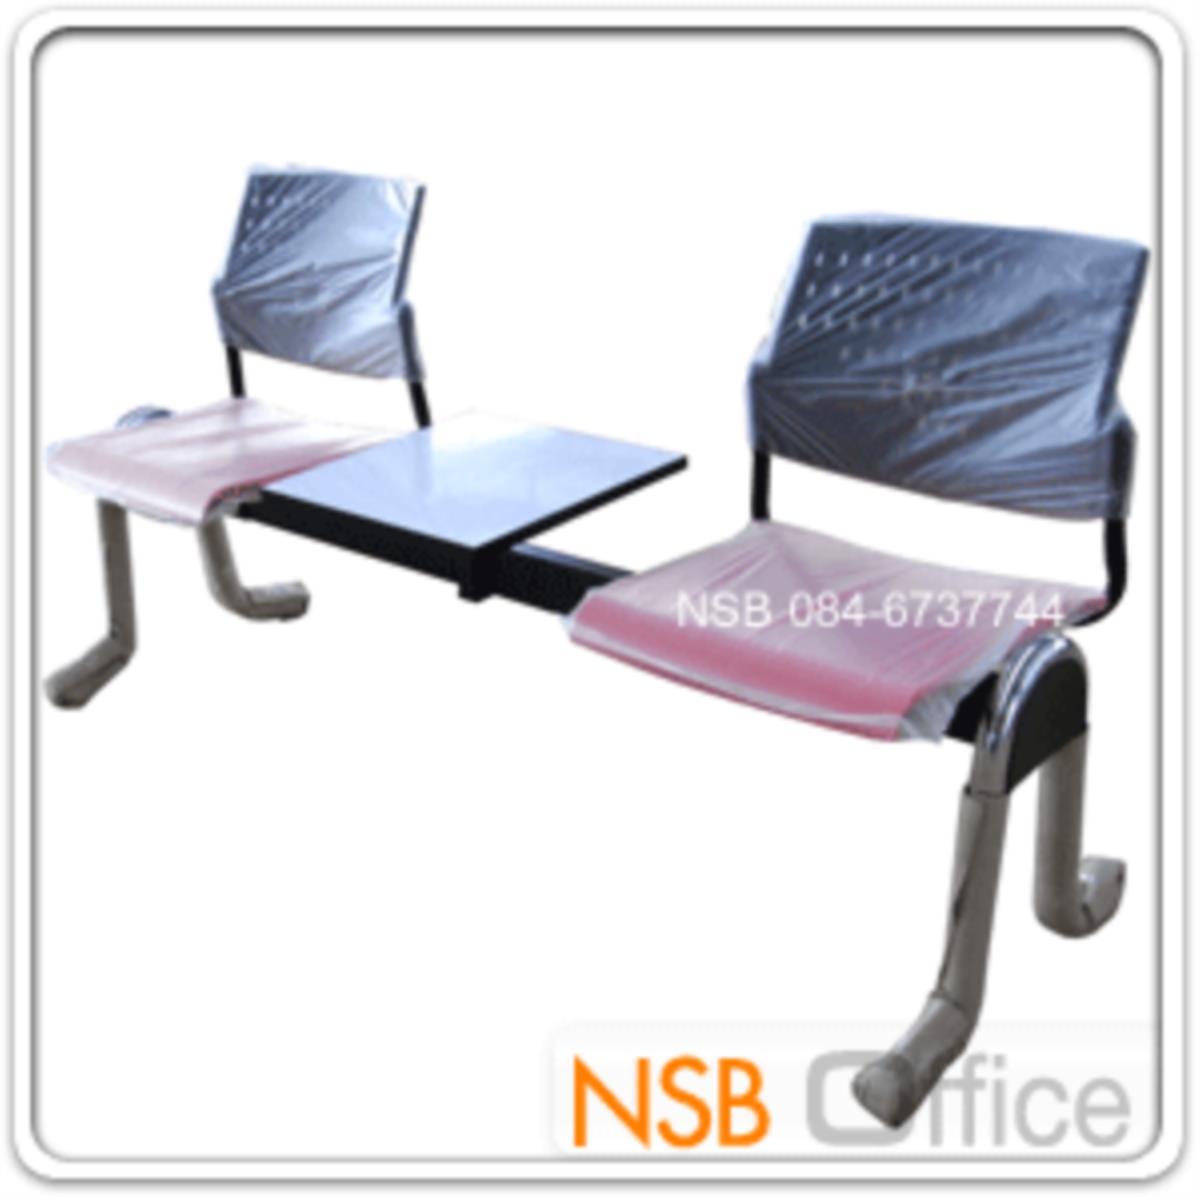 เก้าอี้นั่งคอยเฟรมโพลี่ รุ่น B426 2 ,3 ที่นั่ง ขนาด 162W ,213W cm. พร้อมที่วางของ ขาเหล็ก